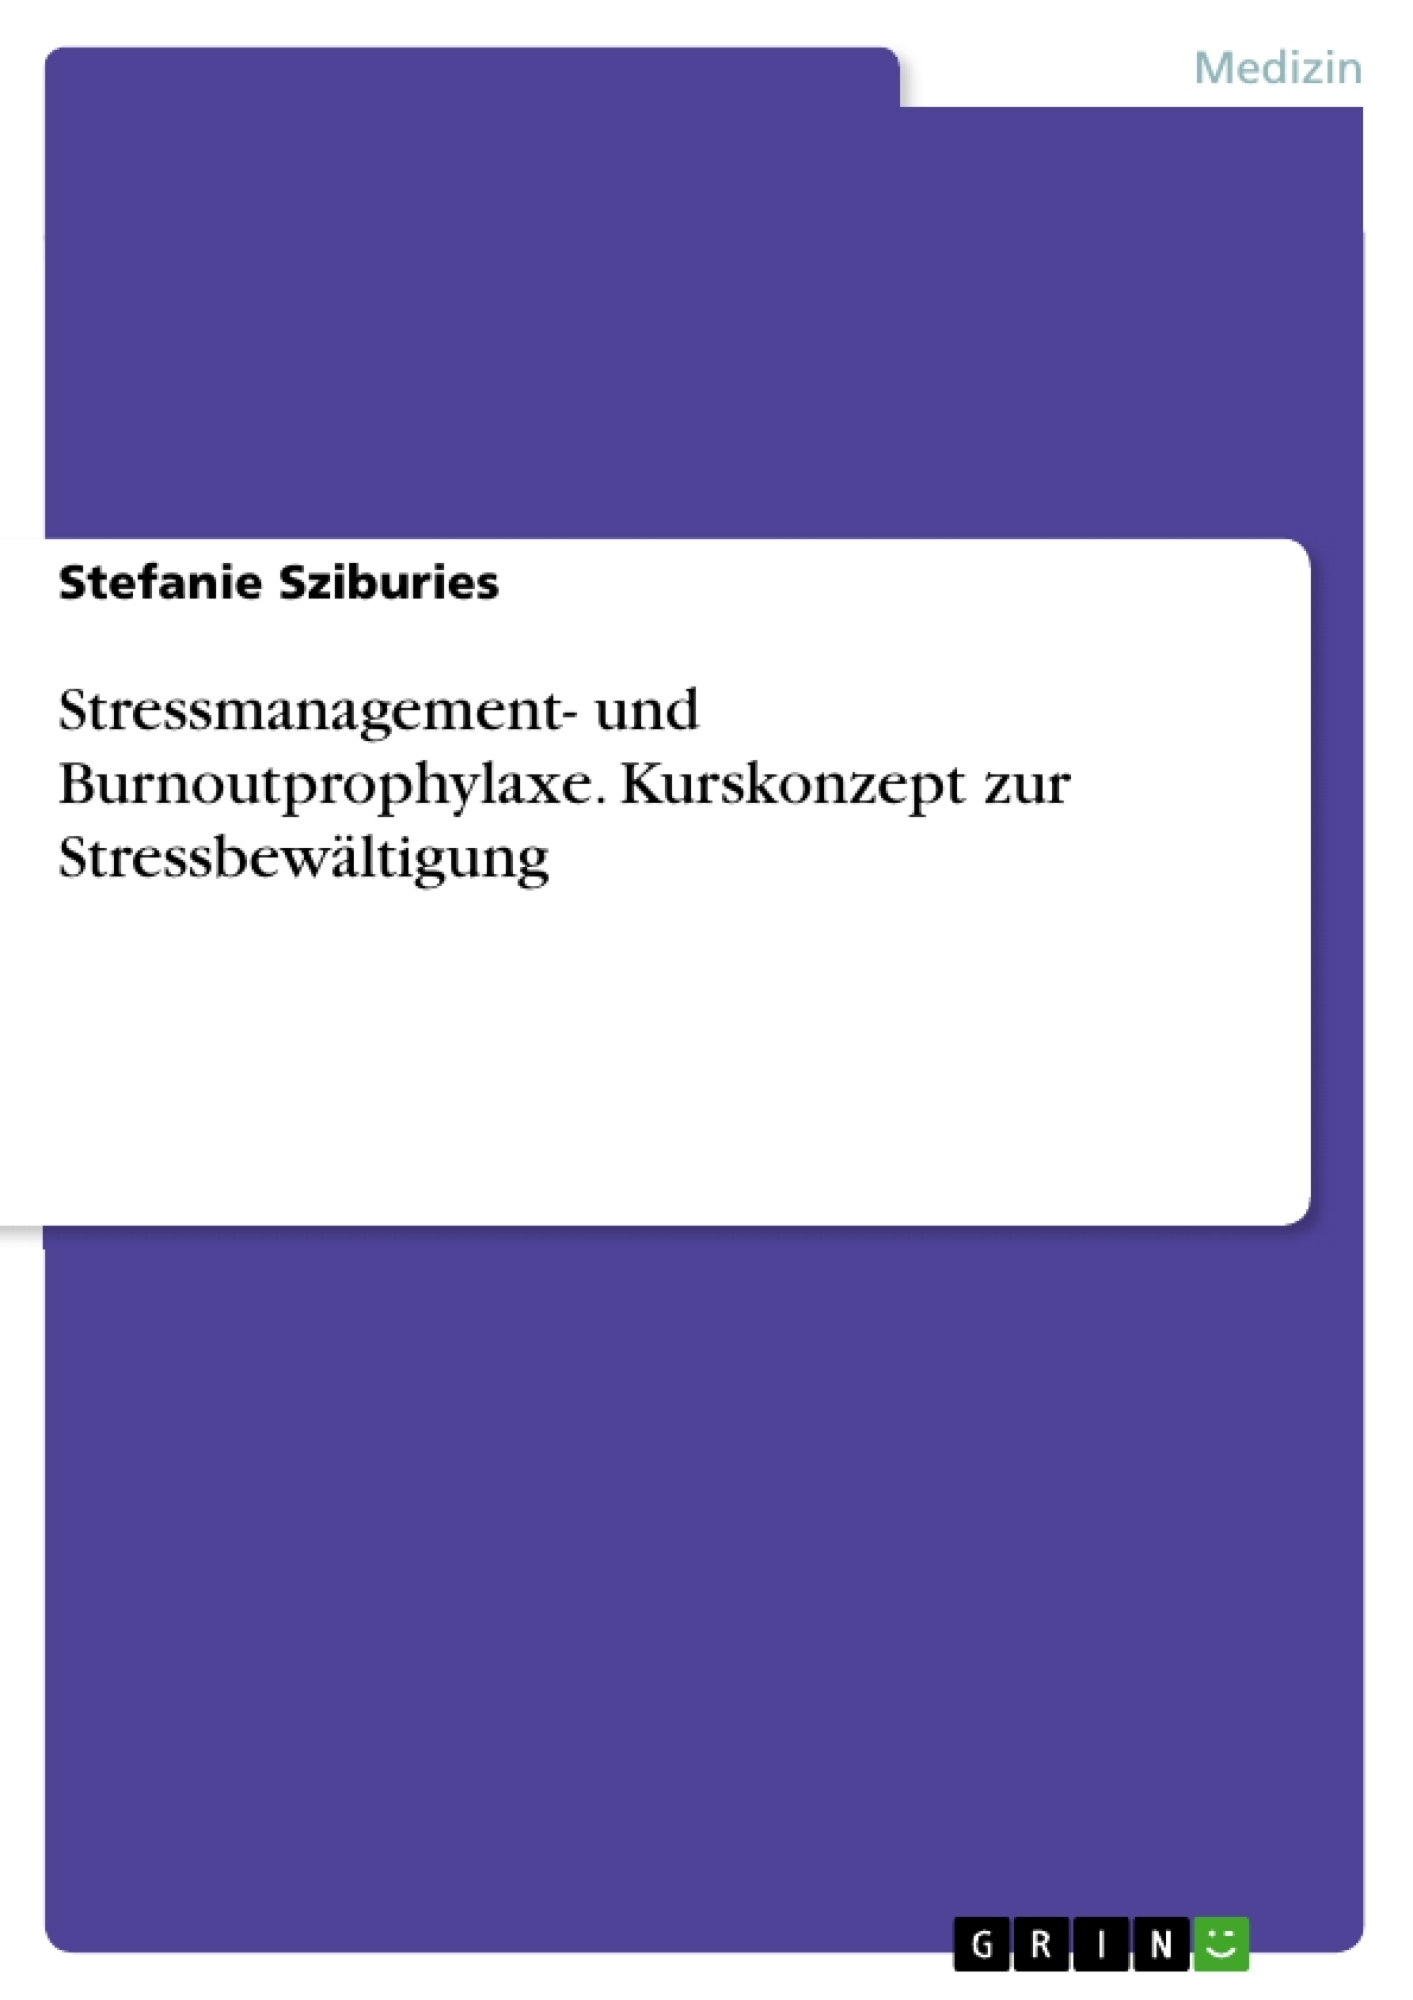 Titel: Stressmanagement- und Burnoutprophylaxe. Kurskonzept zur Stressbewältigung